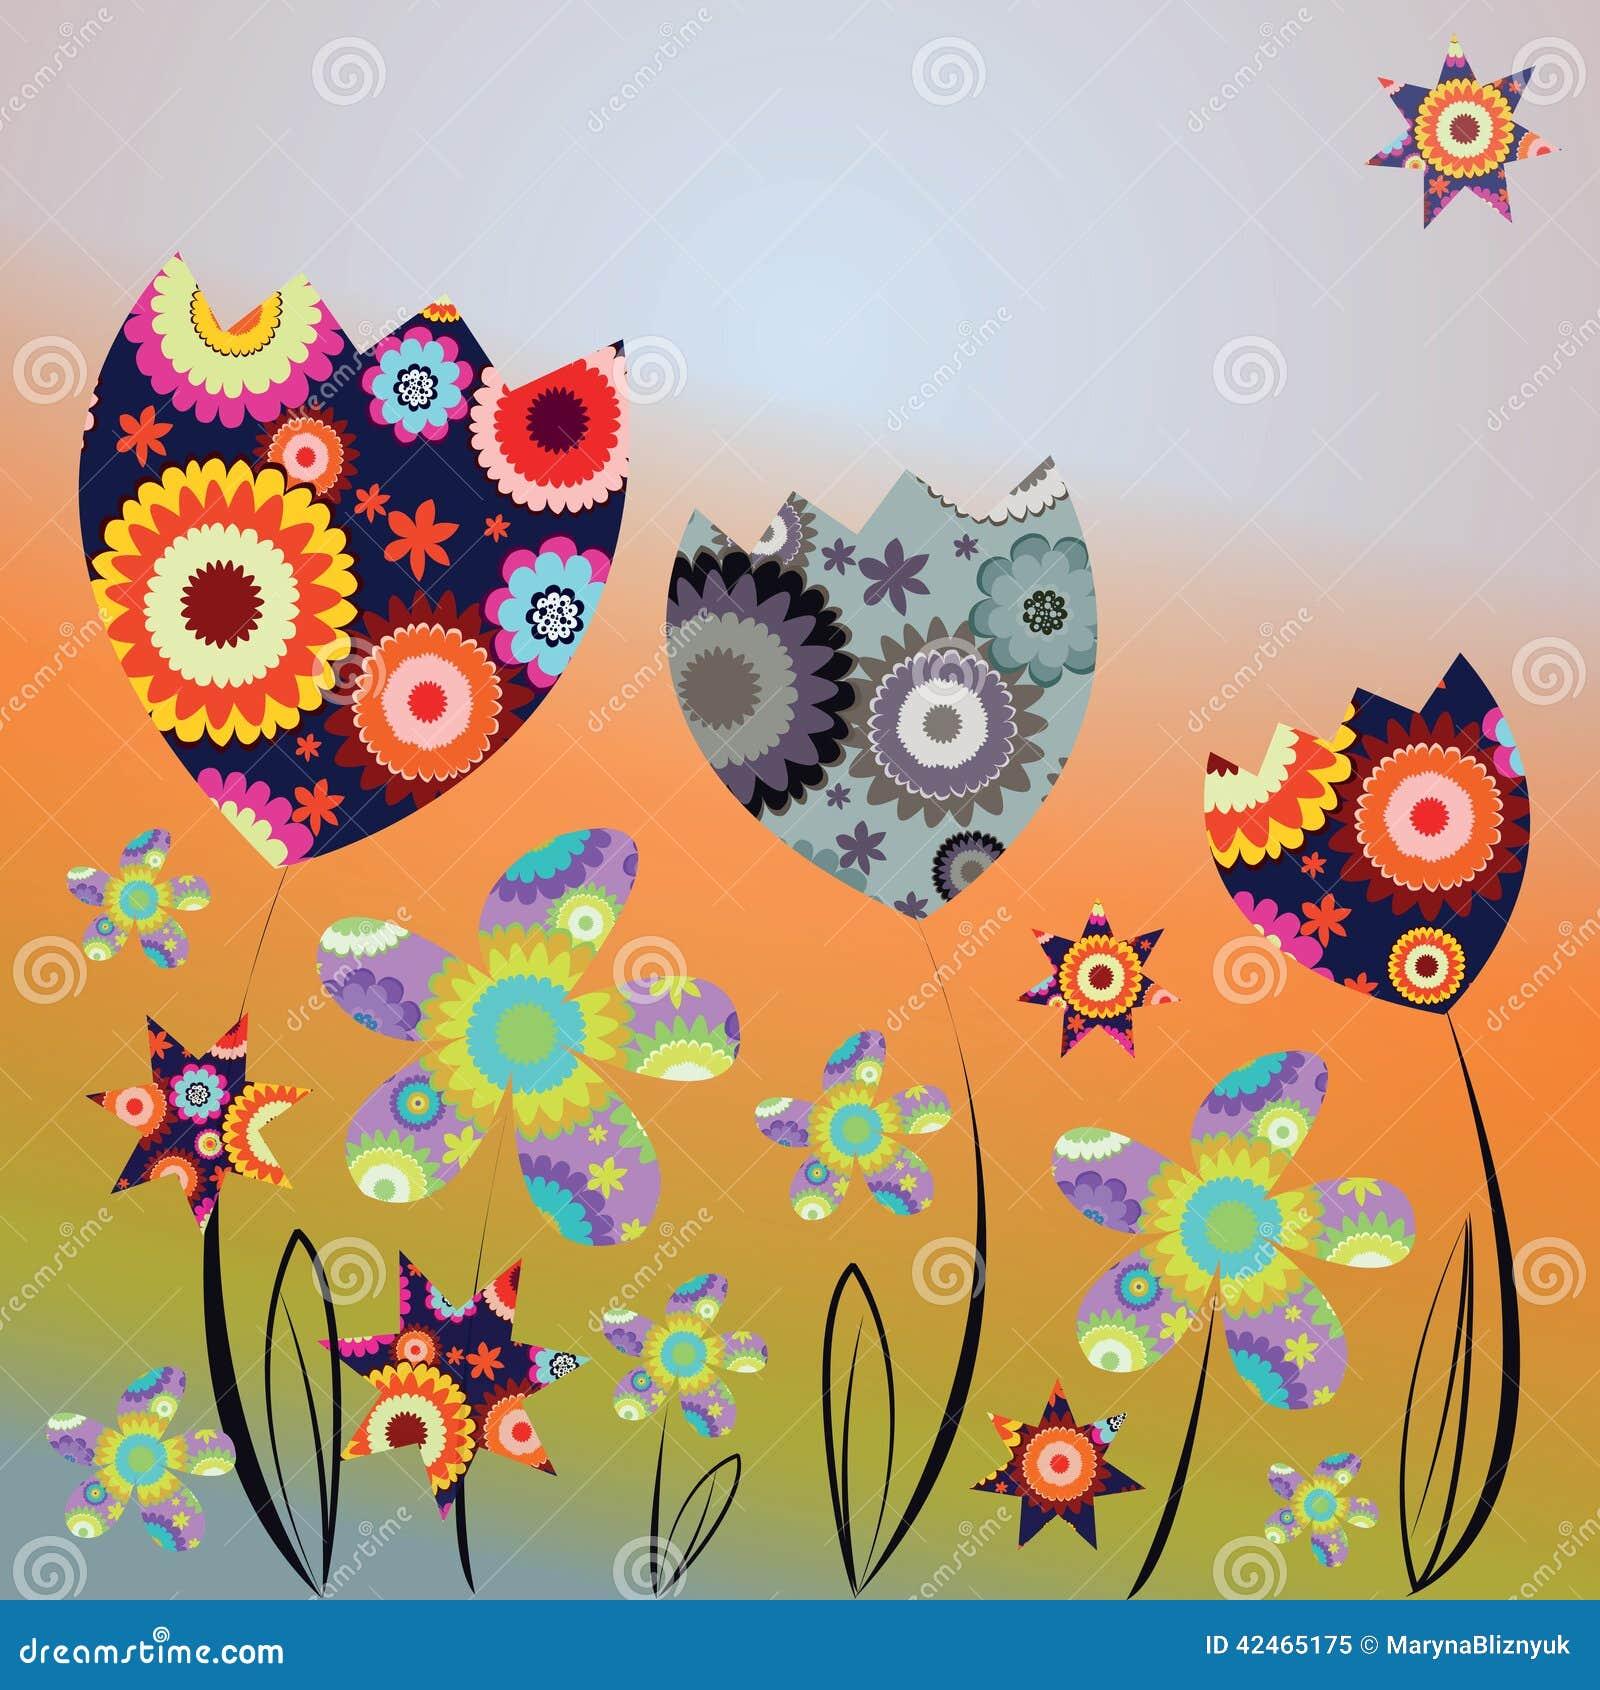 Dekorative Karte mit abstrakten Tulpen und Gänseblümchen